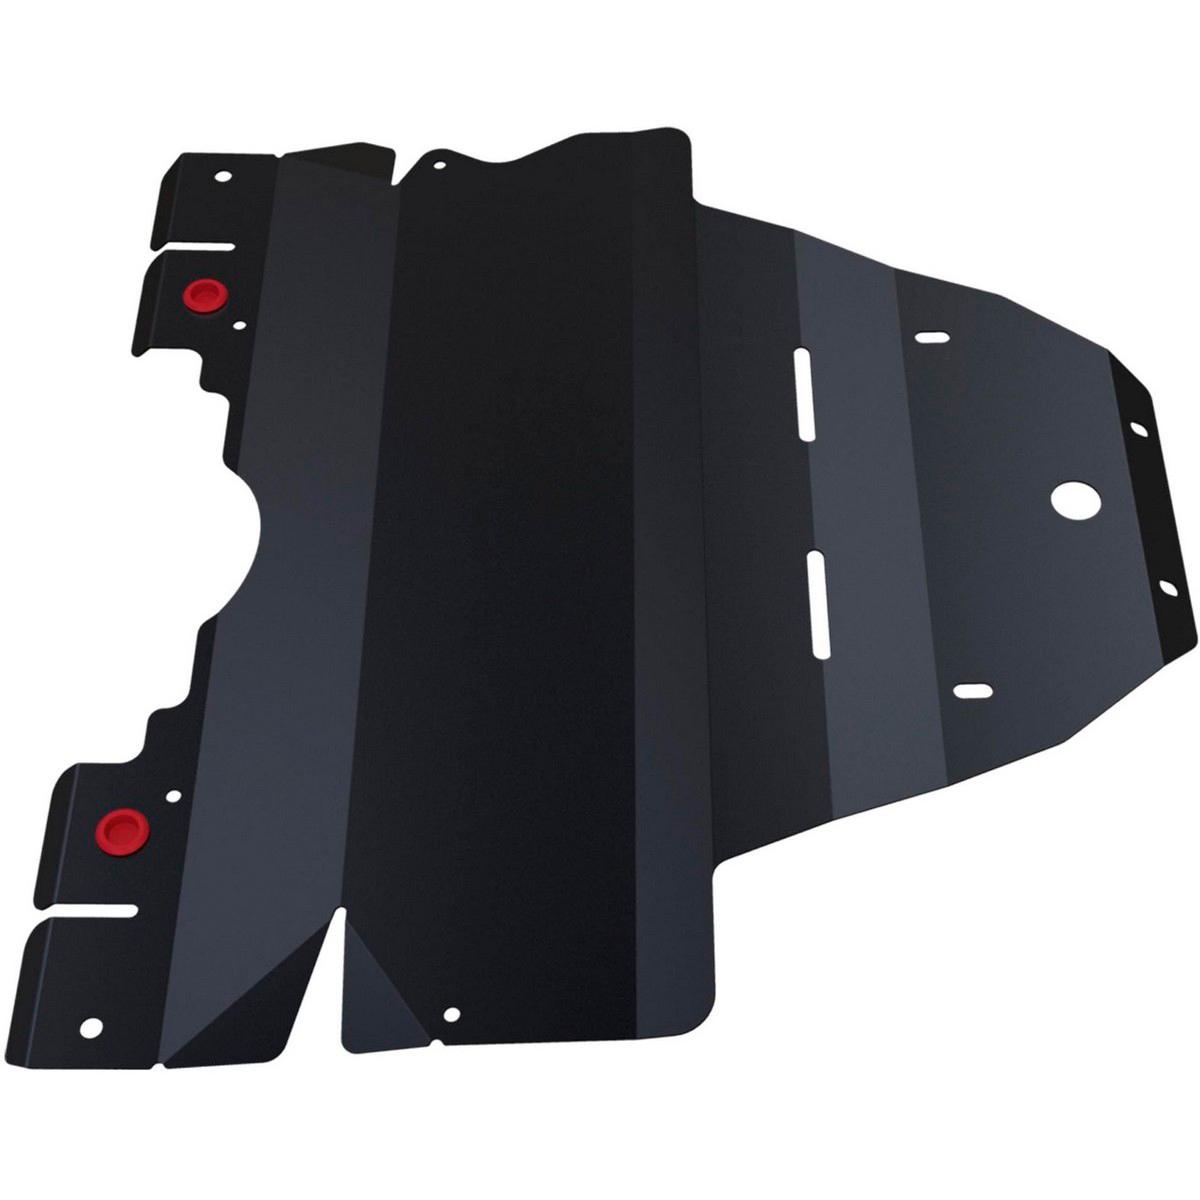 Купить Защита картера Автоброня Subaru Legacy 2010-2015/Subaru Outback 2010-2015, сталь 2 мм